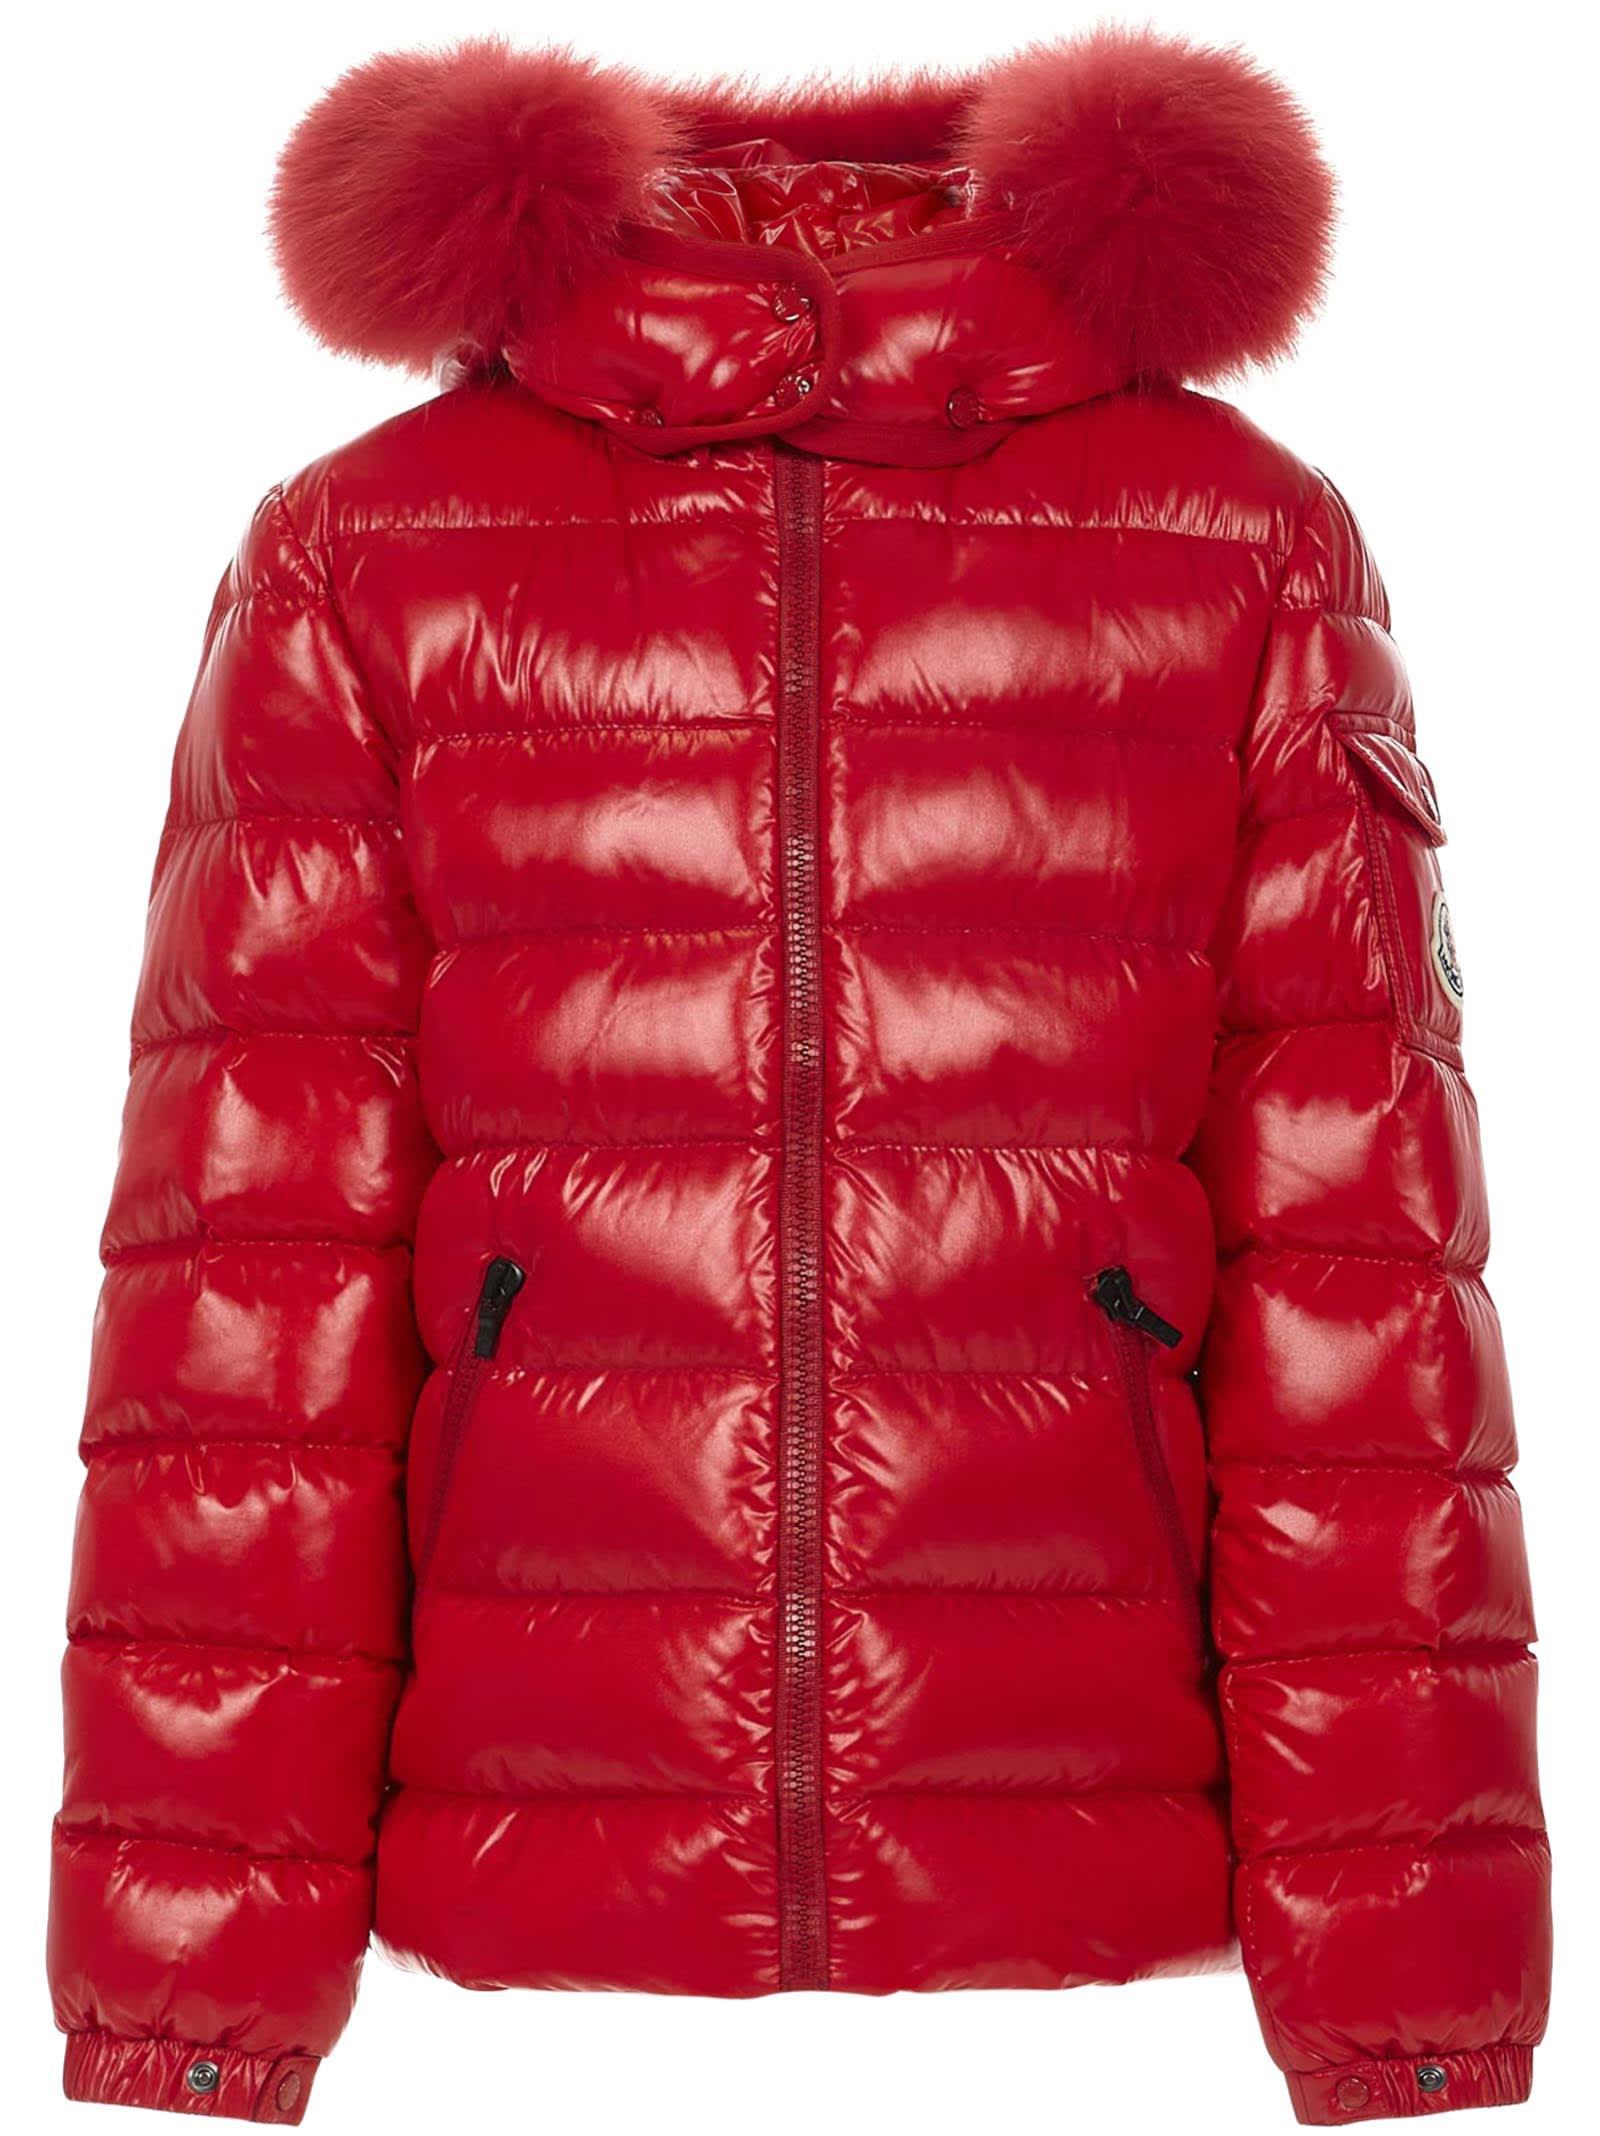 Moncler Enfant Bady Fur Down Jacket